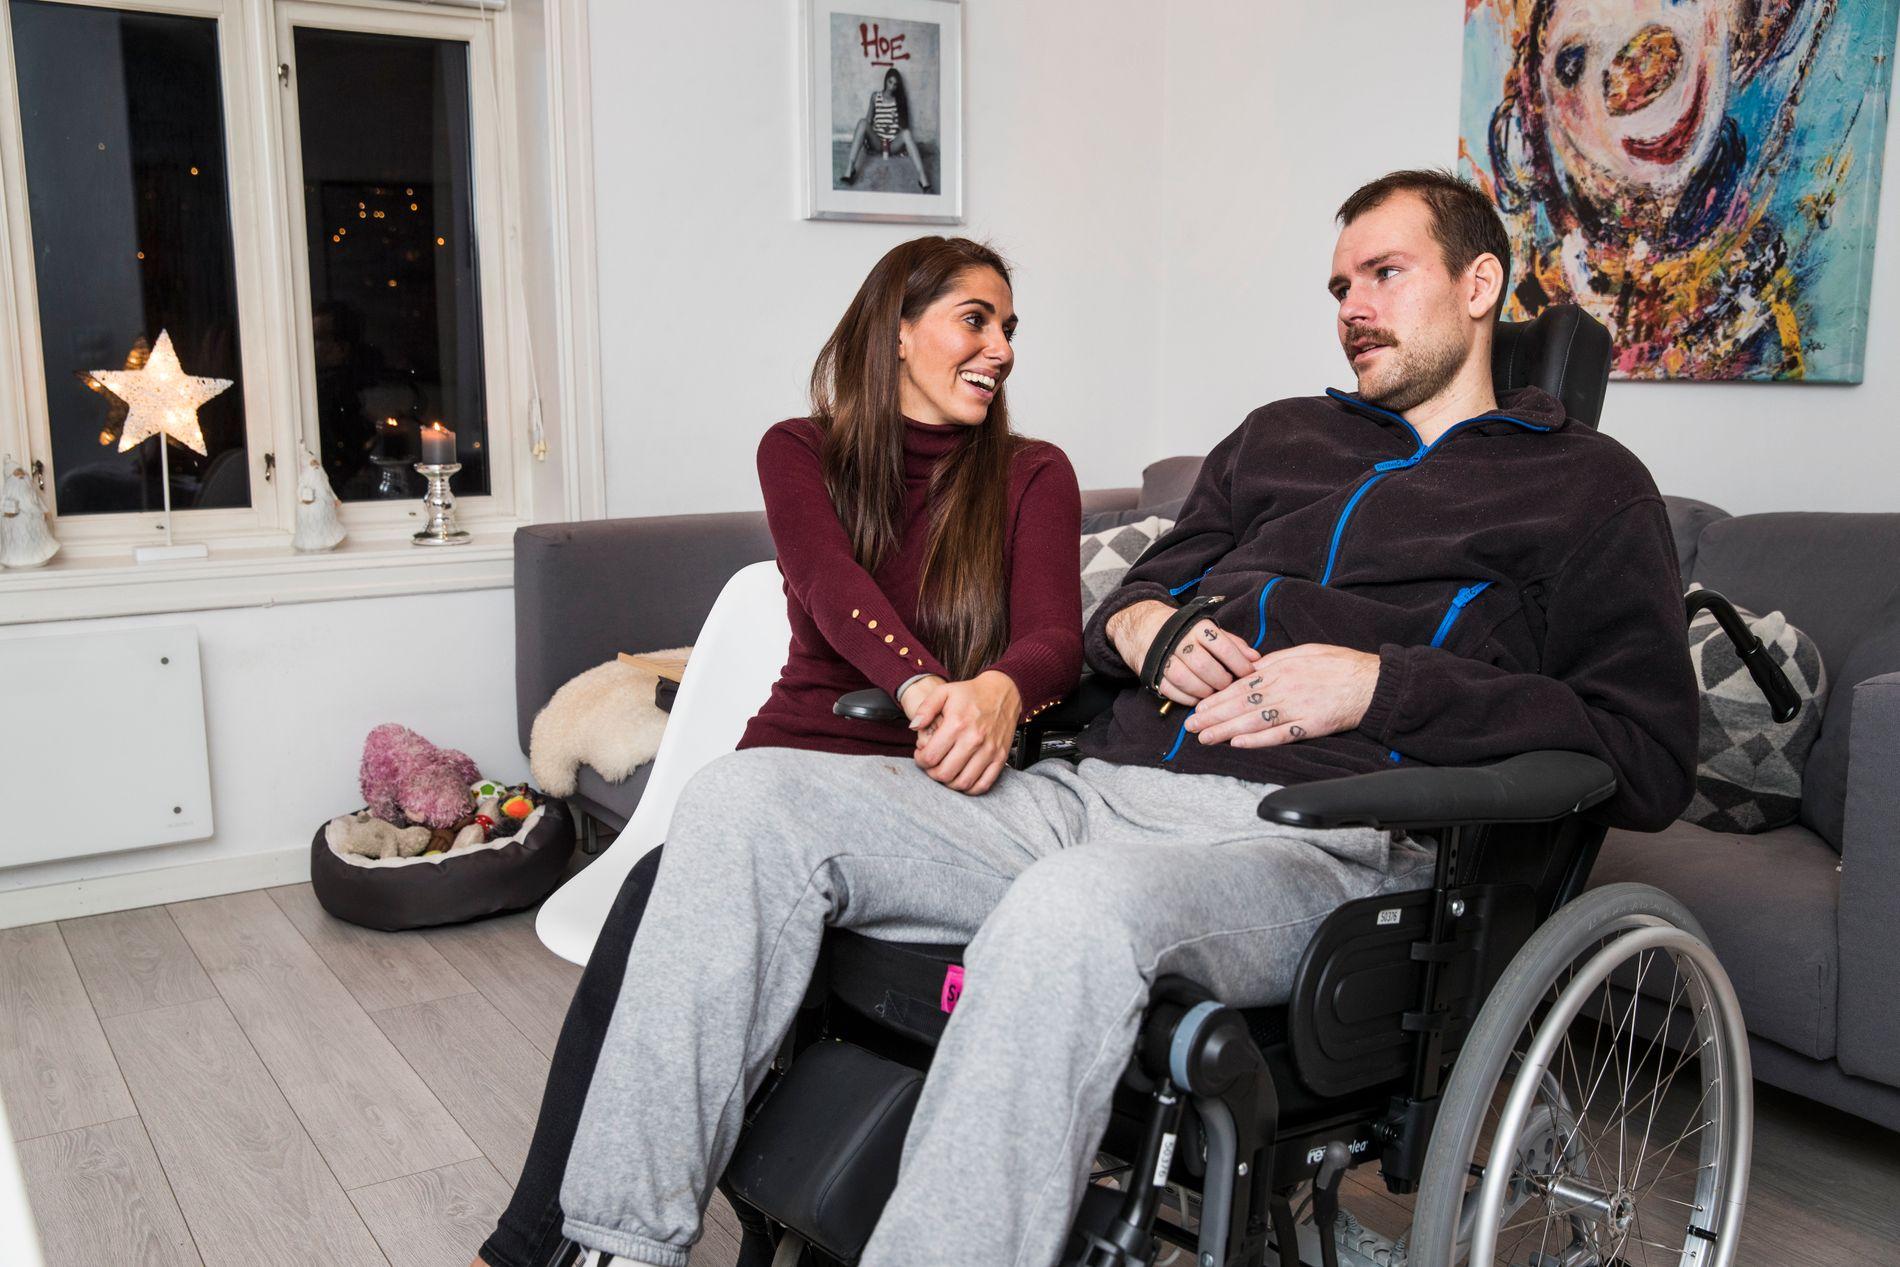 – MAN MÅ ALDRI GI OPP: Michael Turlid Nuth nekter å miste motet etter han ble lam i en motorsykkelulykke. Sammen med forloveden Jeanin Mathiesen kjemper han seg tilbake til hverdagen.